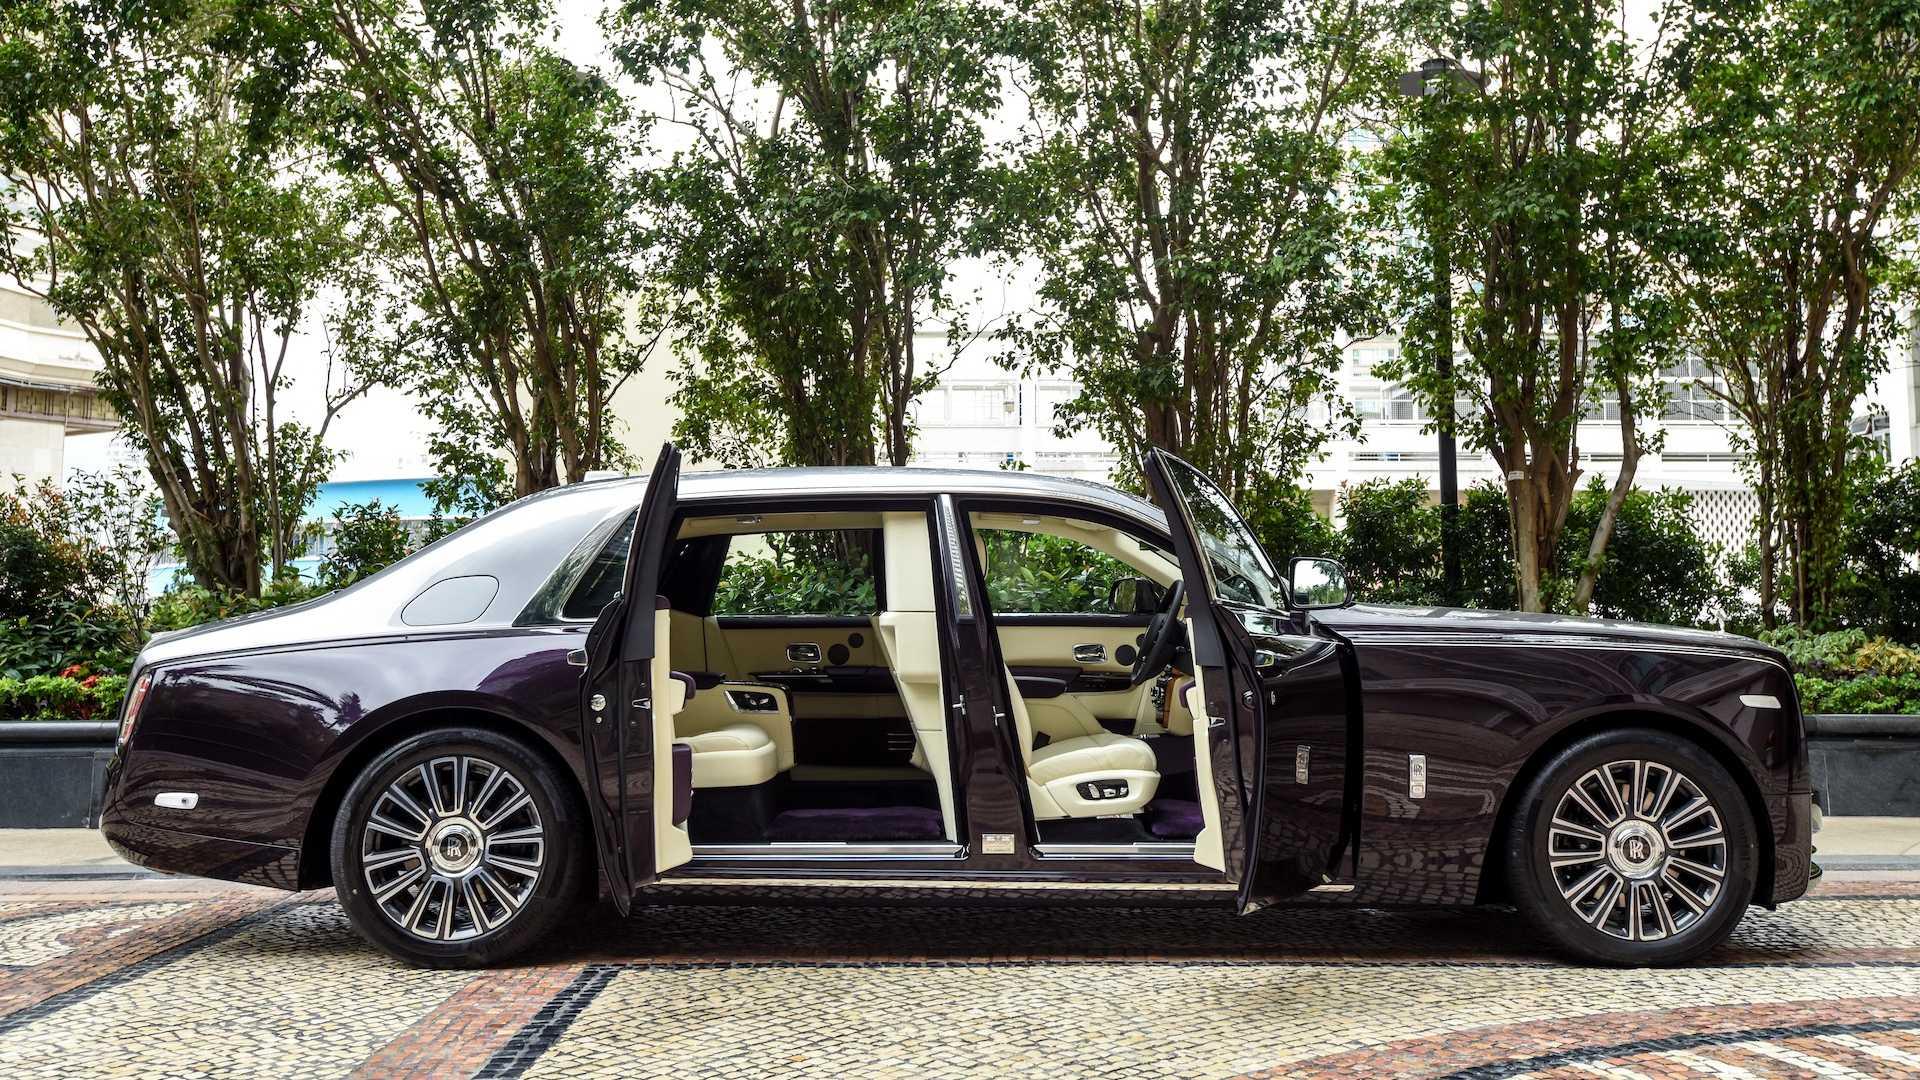 Khám phá Rolls-Royce Phantom với vách ngăn riêng tư ở hàng ghế sau